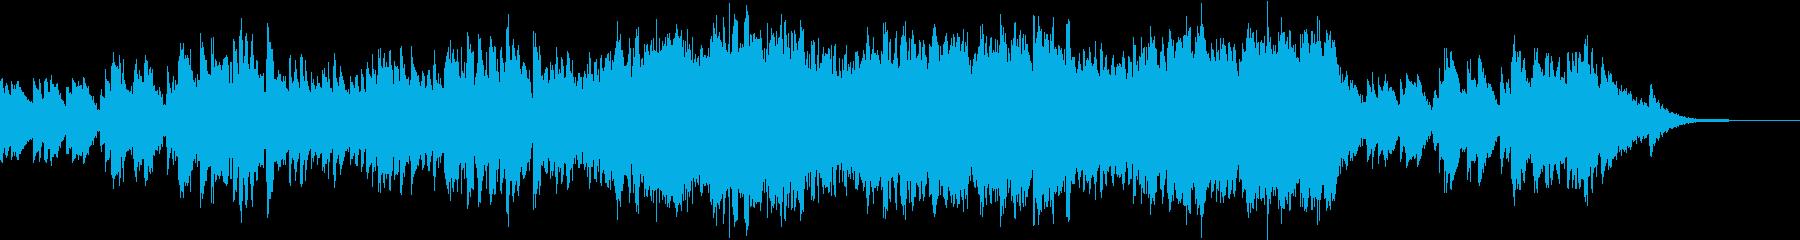 感動的なエンディングにの再生済みの波形